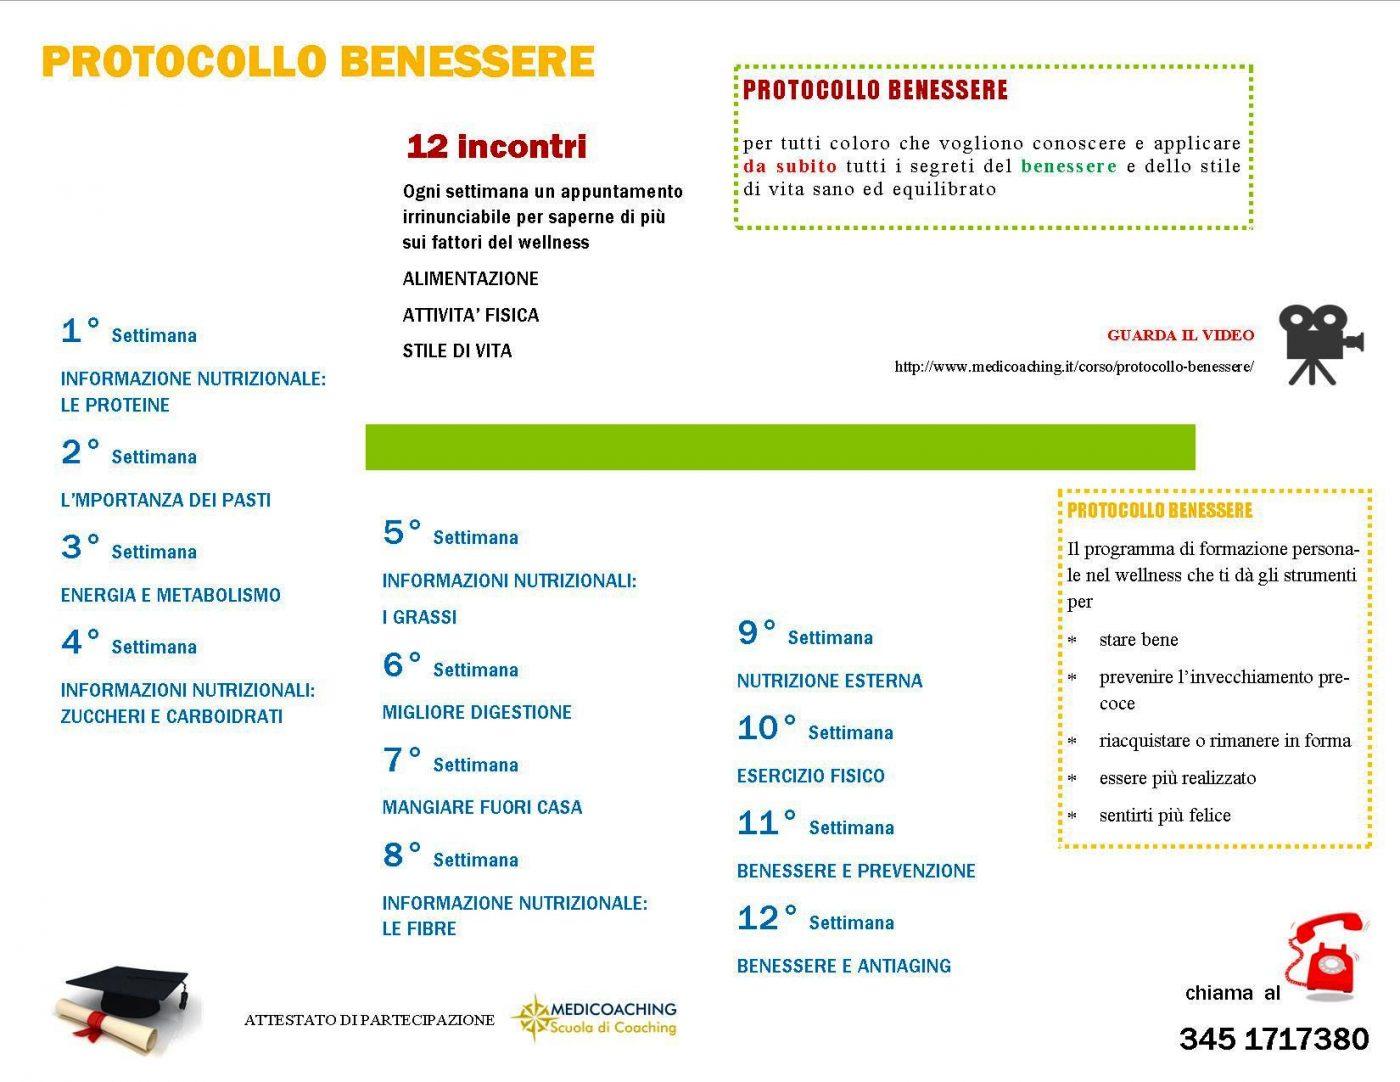 protocollo-benessere-brochure